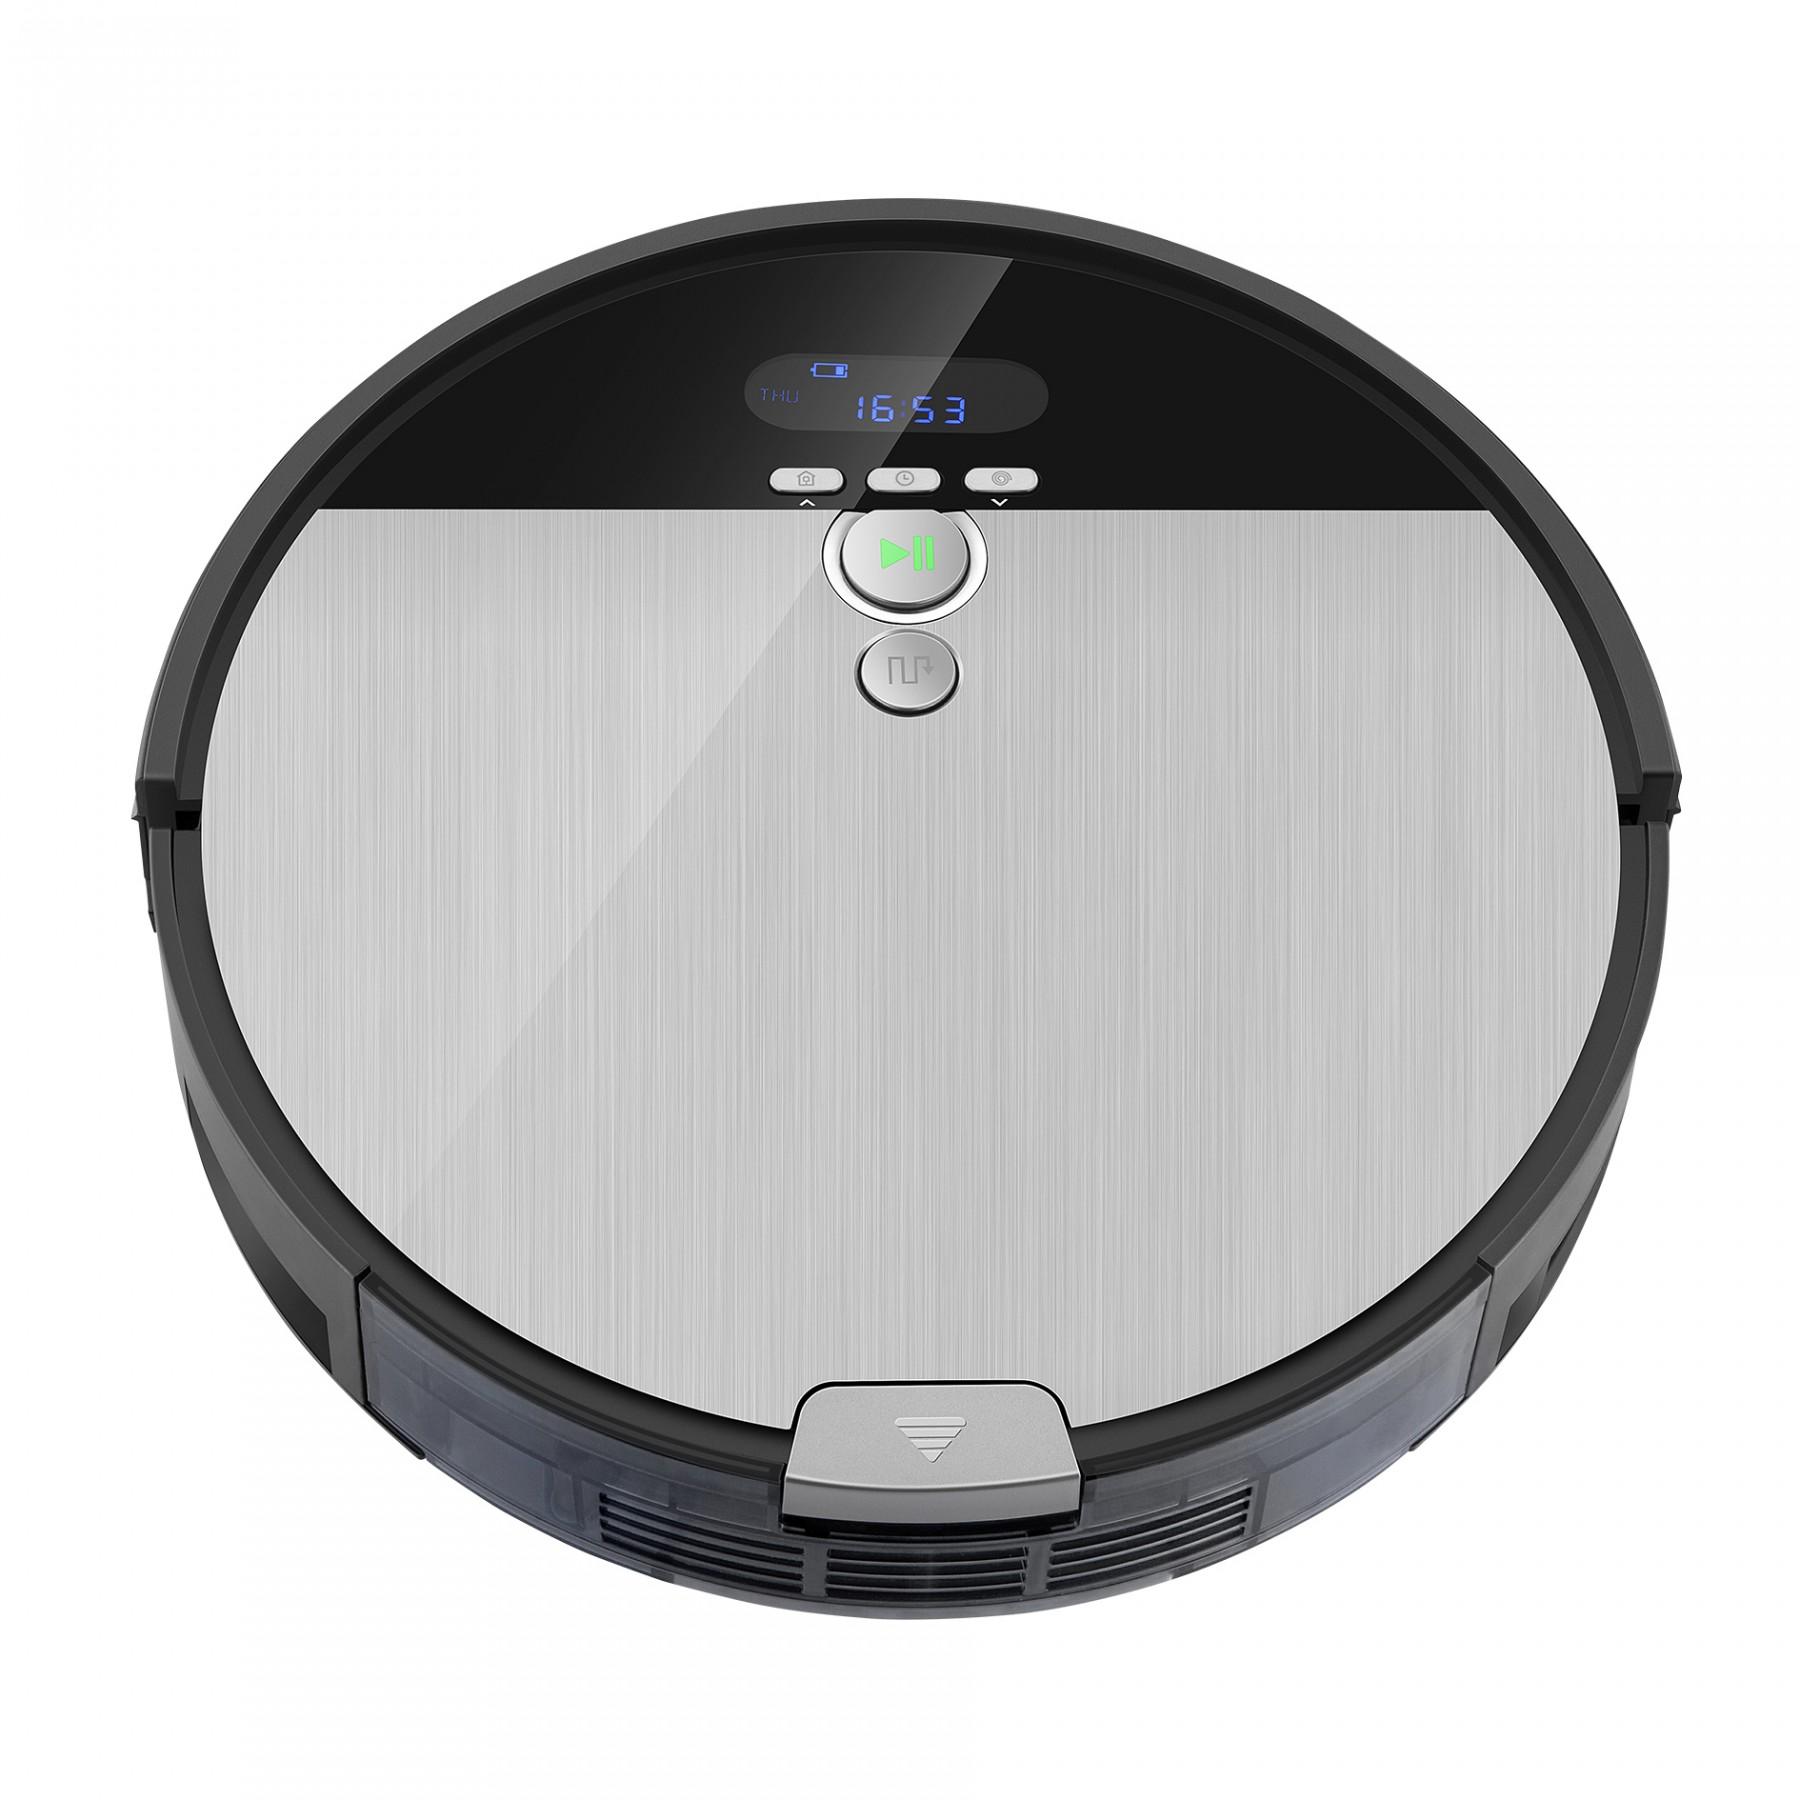 Chuwi ILIFE V8S, robotický vysavač s navigací, černé - šedá